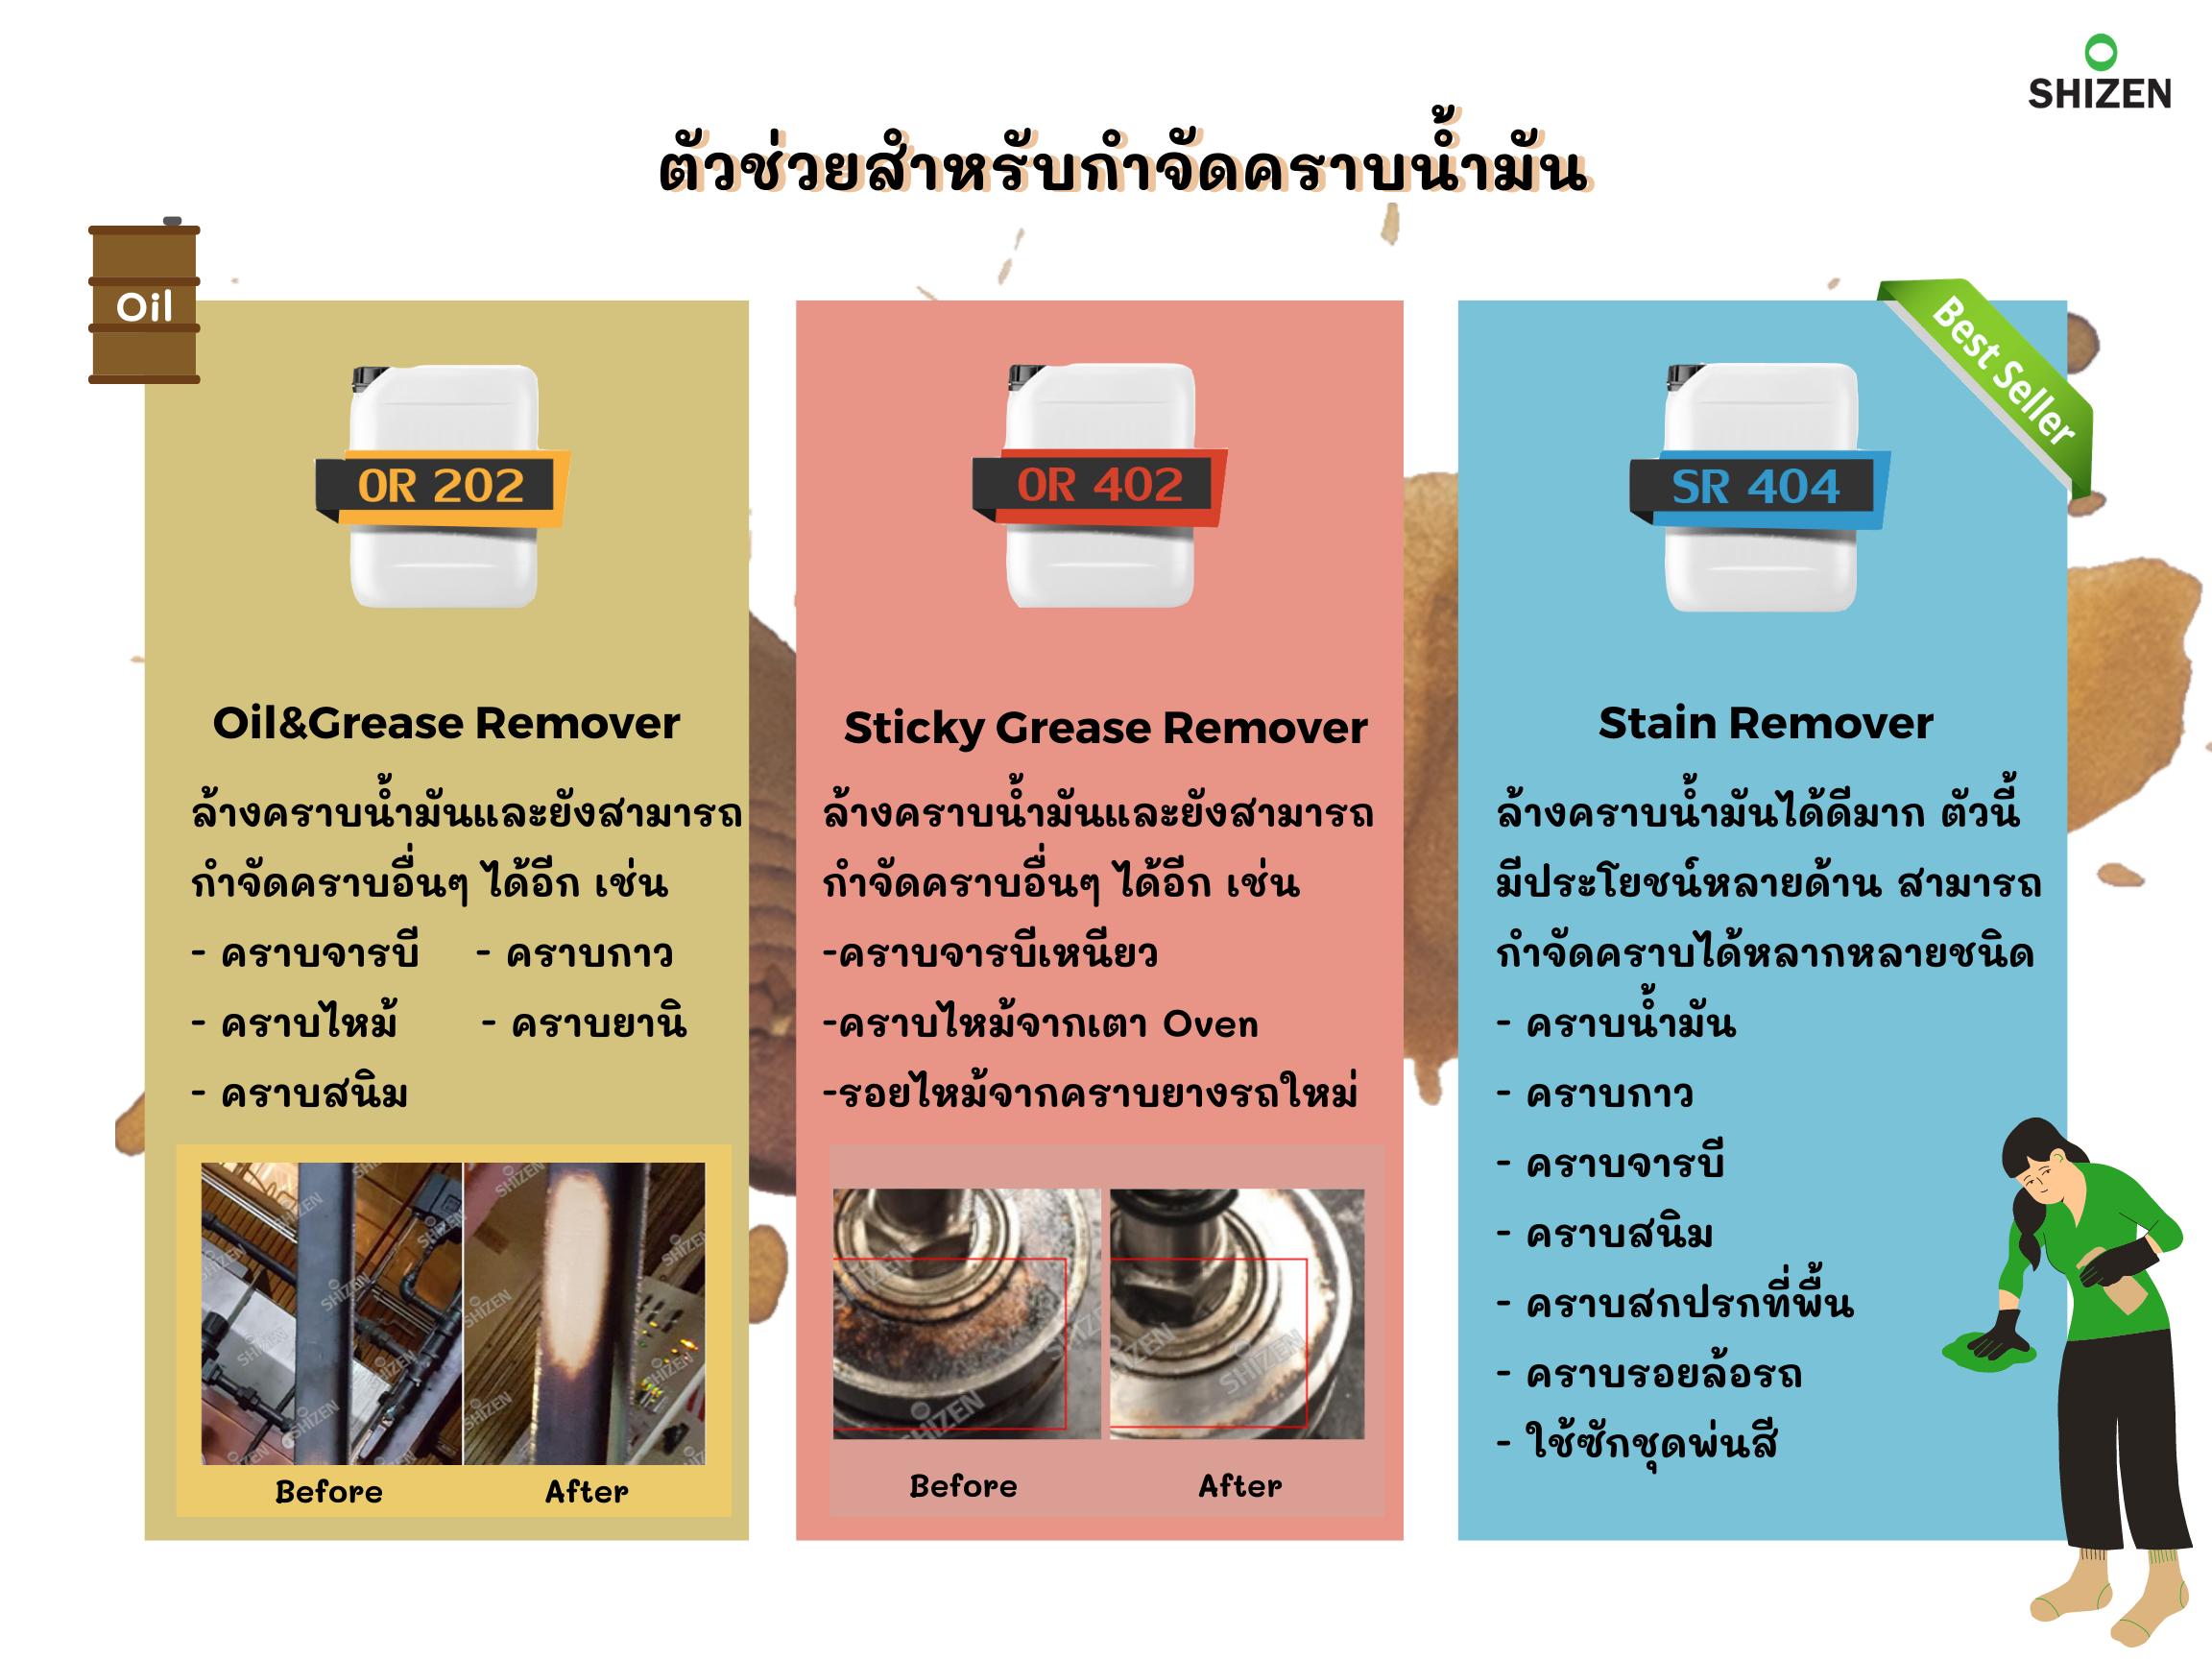 น้ำยาสำหรับกำจัดคราบน้ำมัน (Oil)